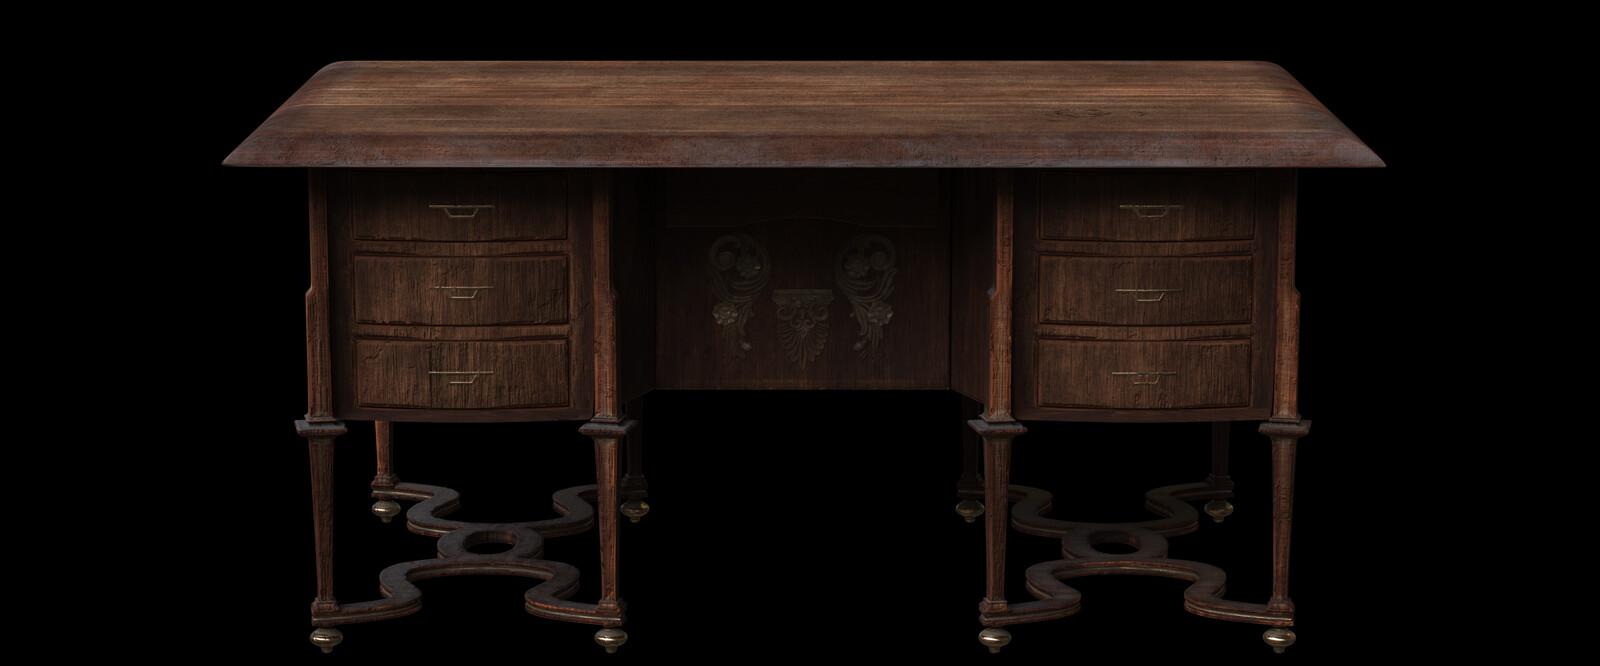 Same asset, the desk.